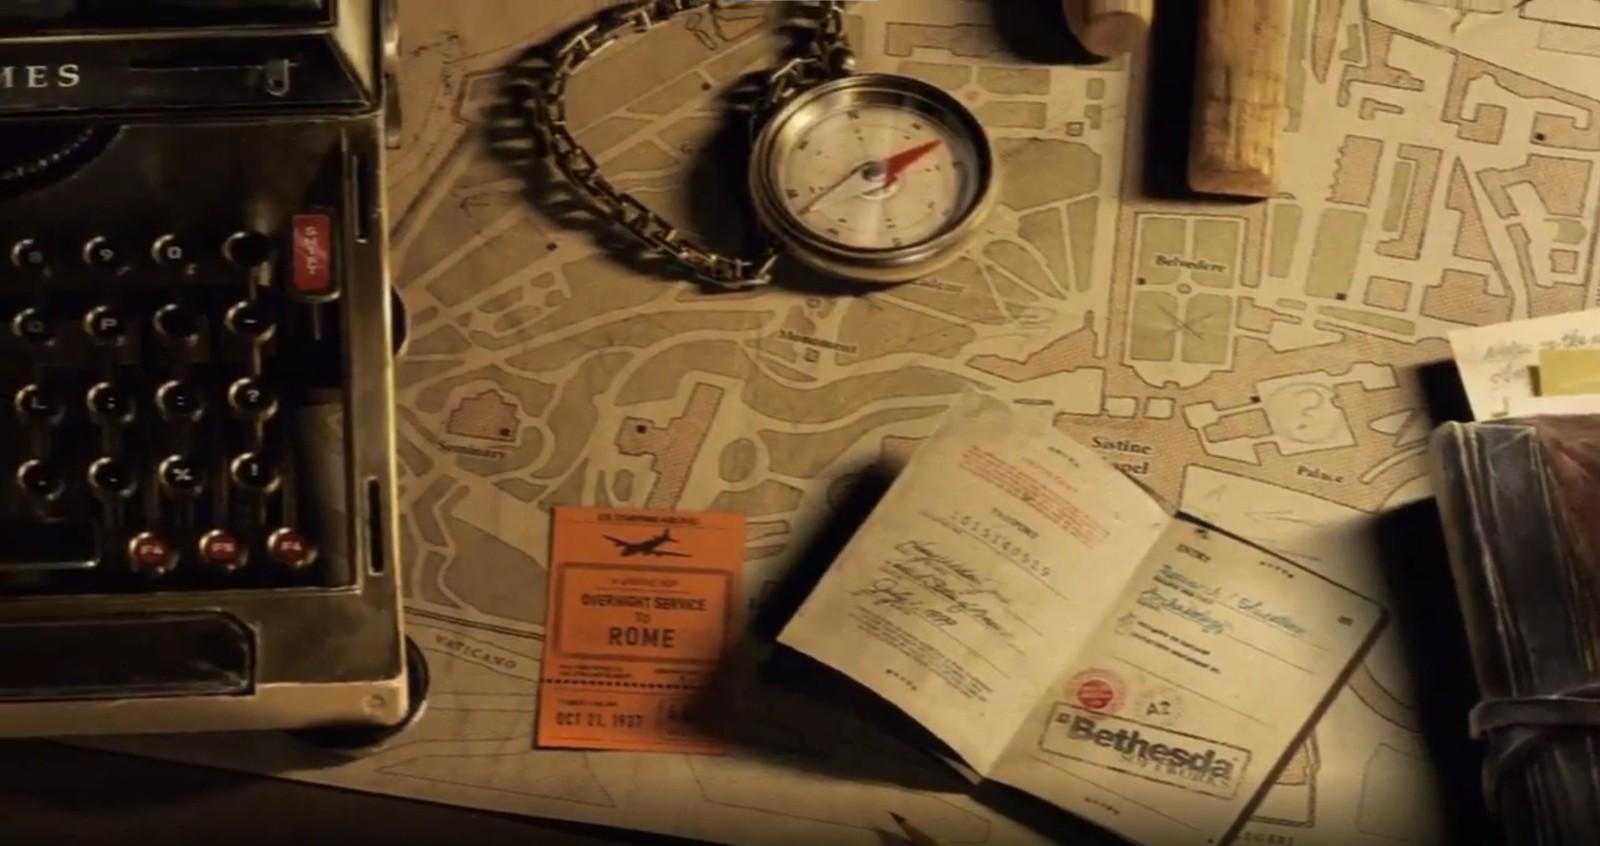 粉丝深度挖掘《夺宝奇兵》游戏预告 发现关键线索